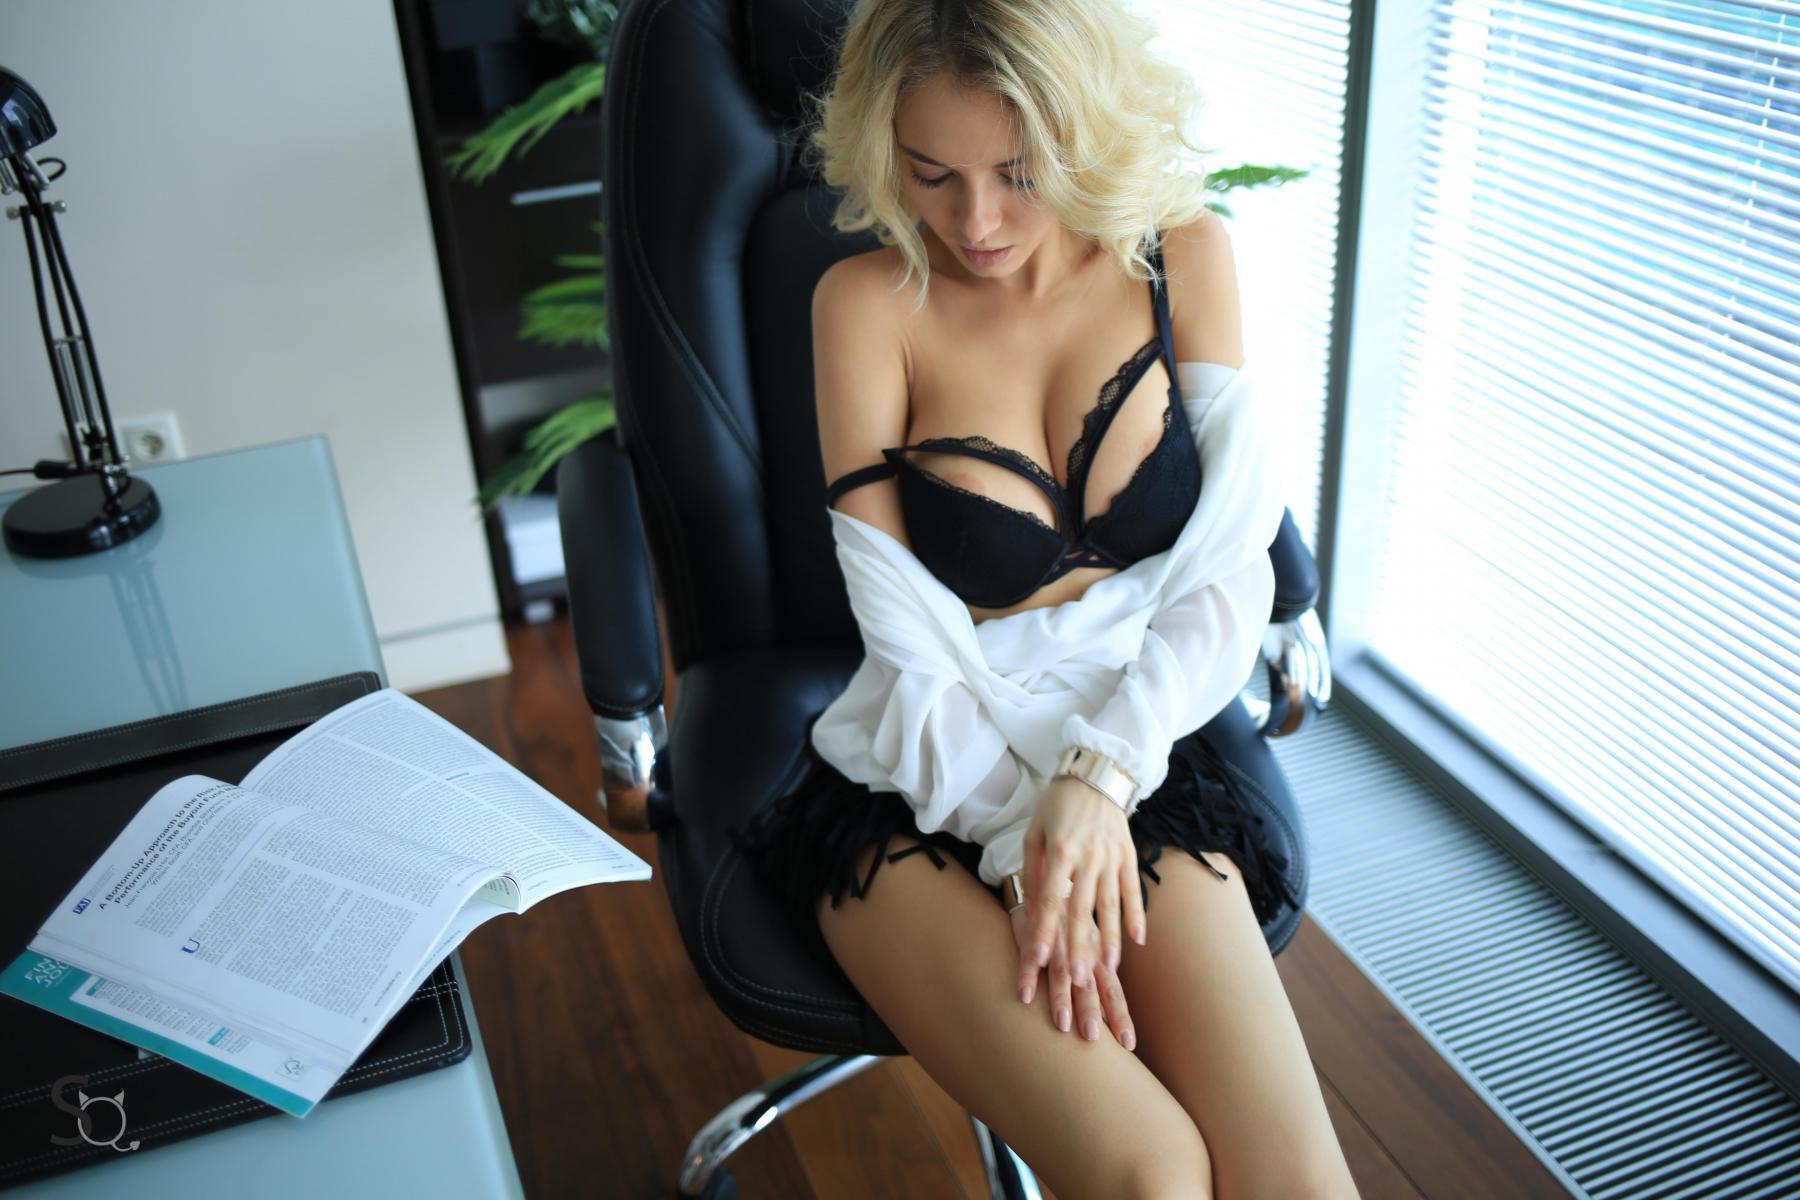 MonroQ showing her clevage in black underwear